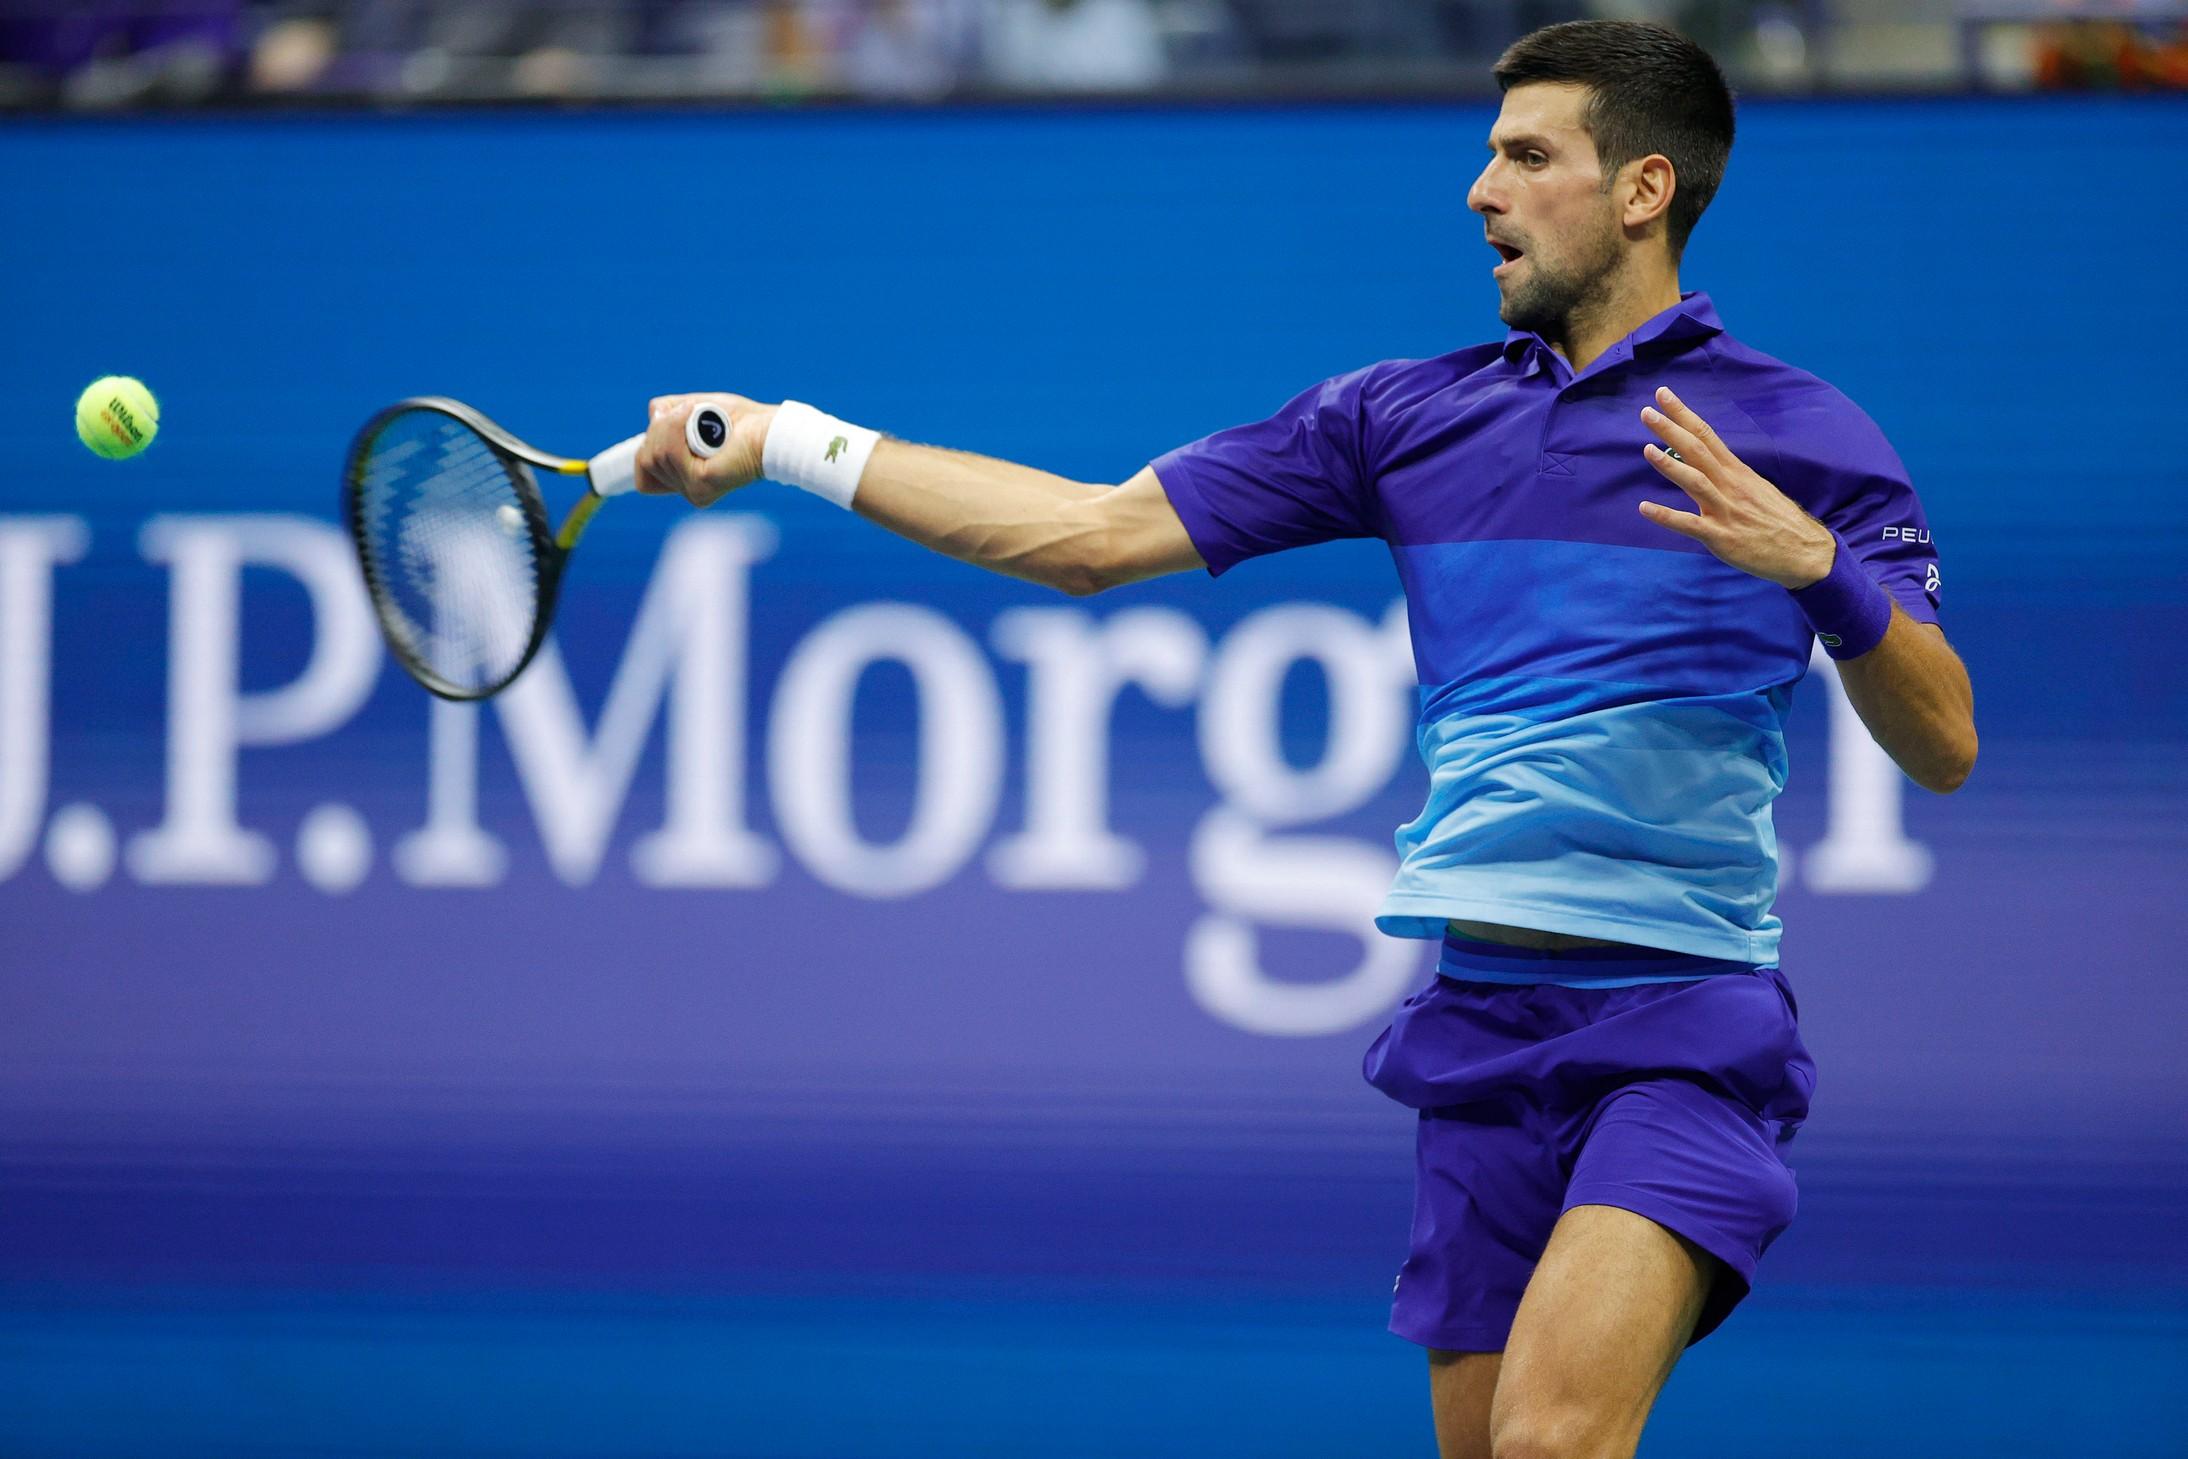 Foto httpswww.tennis.com Matt Fitzgerlad 14 - ATP lestvica: Đoković začel 340. teden na vrhu lestvice, Bedene 93.